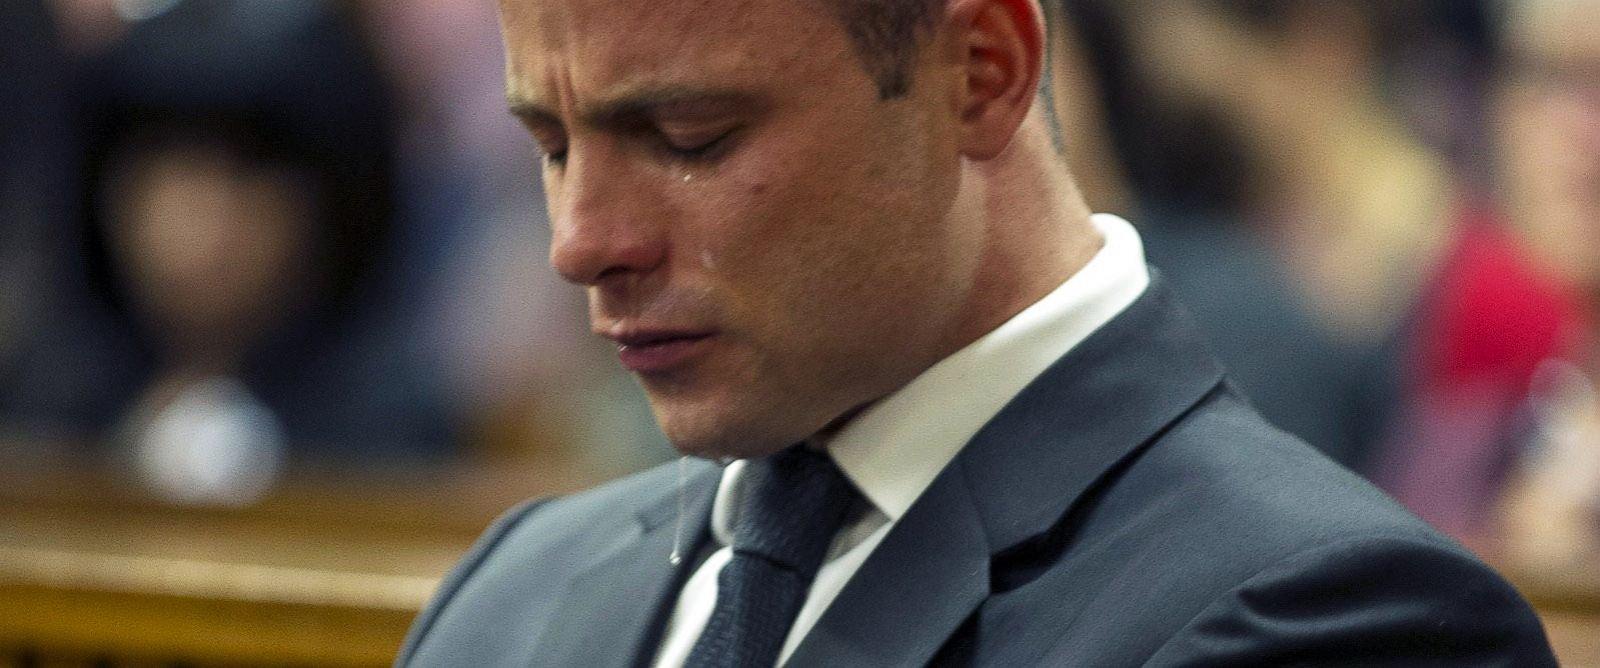 Оскар Писториус пытался покончить с собой в тюрьме